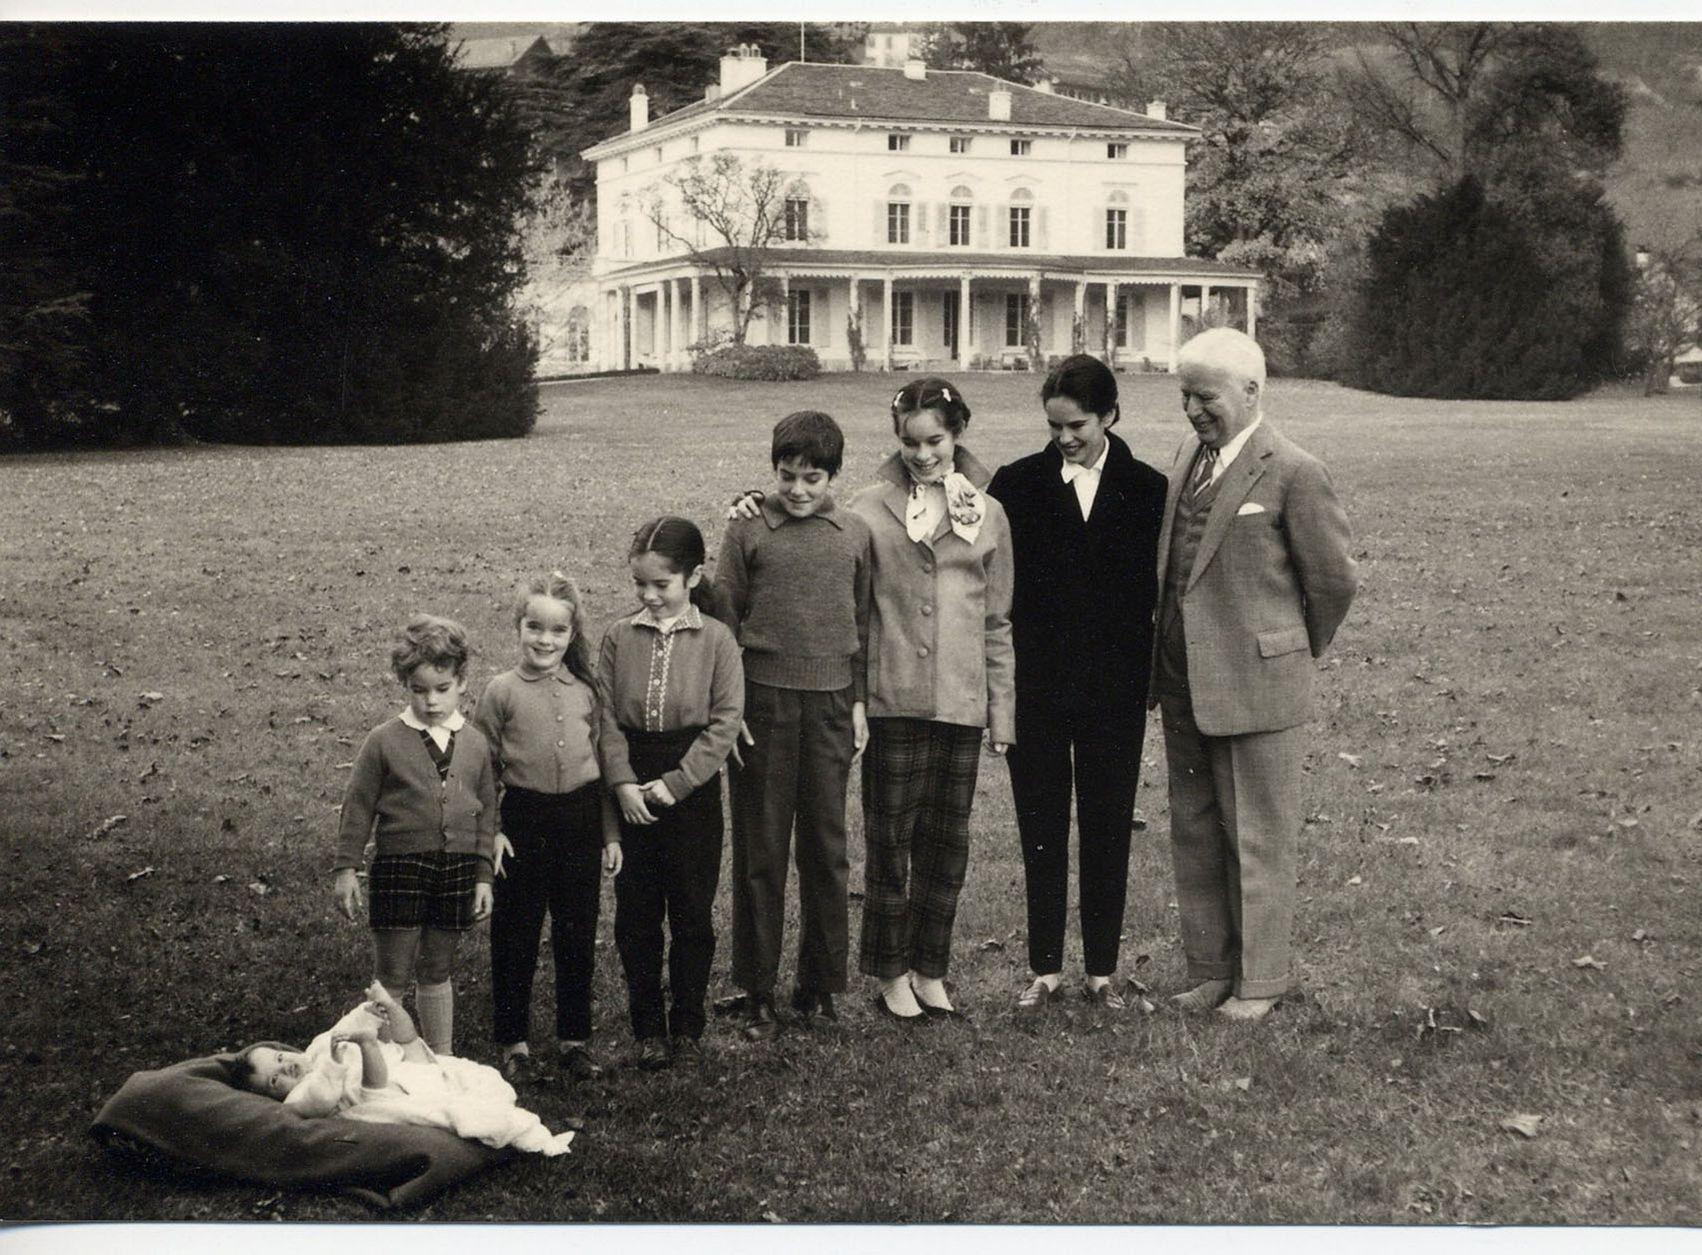 этом чарли чаплин фото с женой и детьми монташ анализ